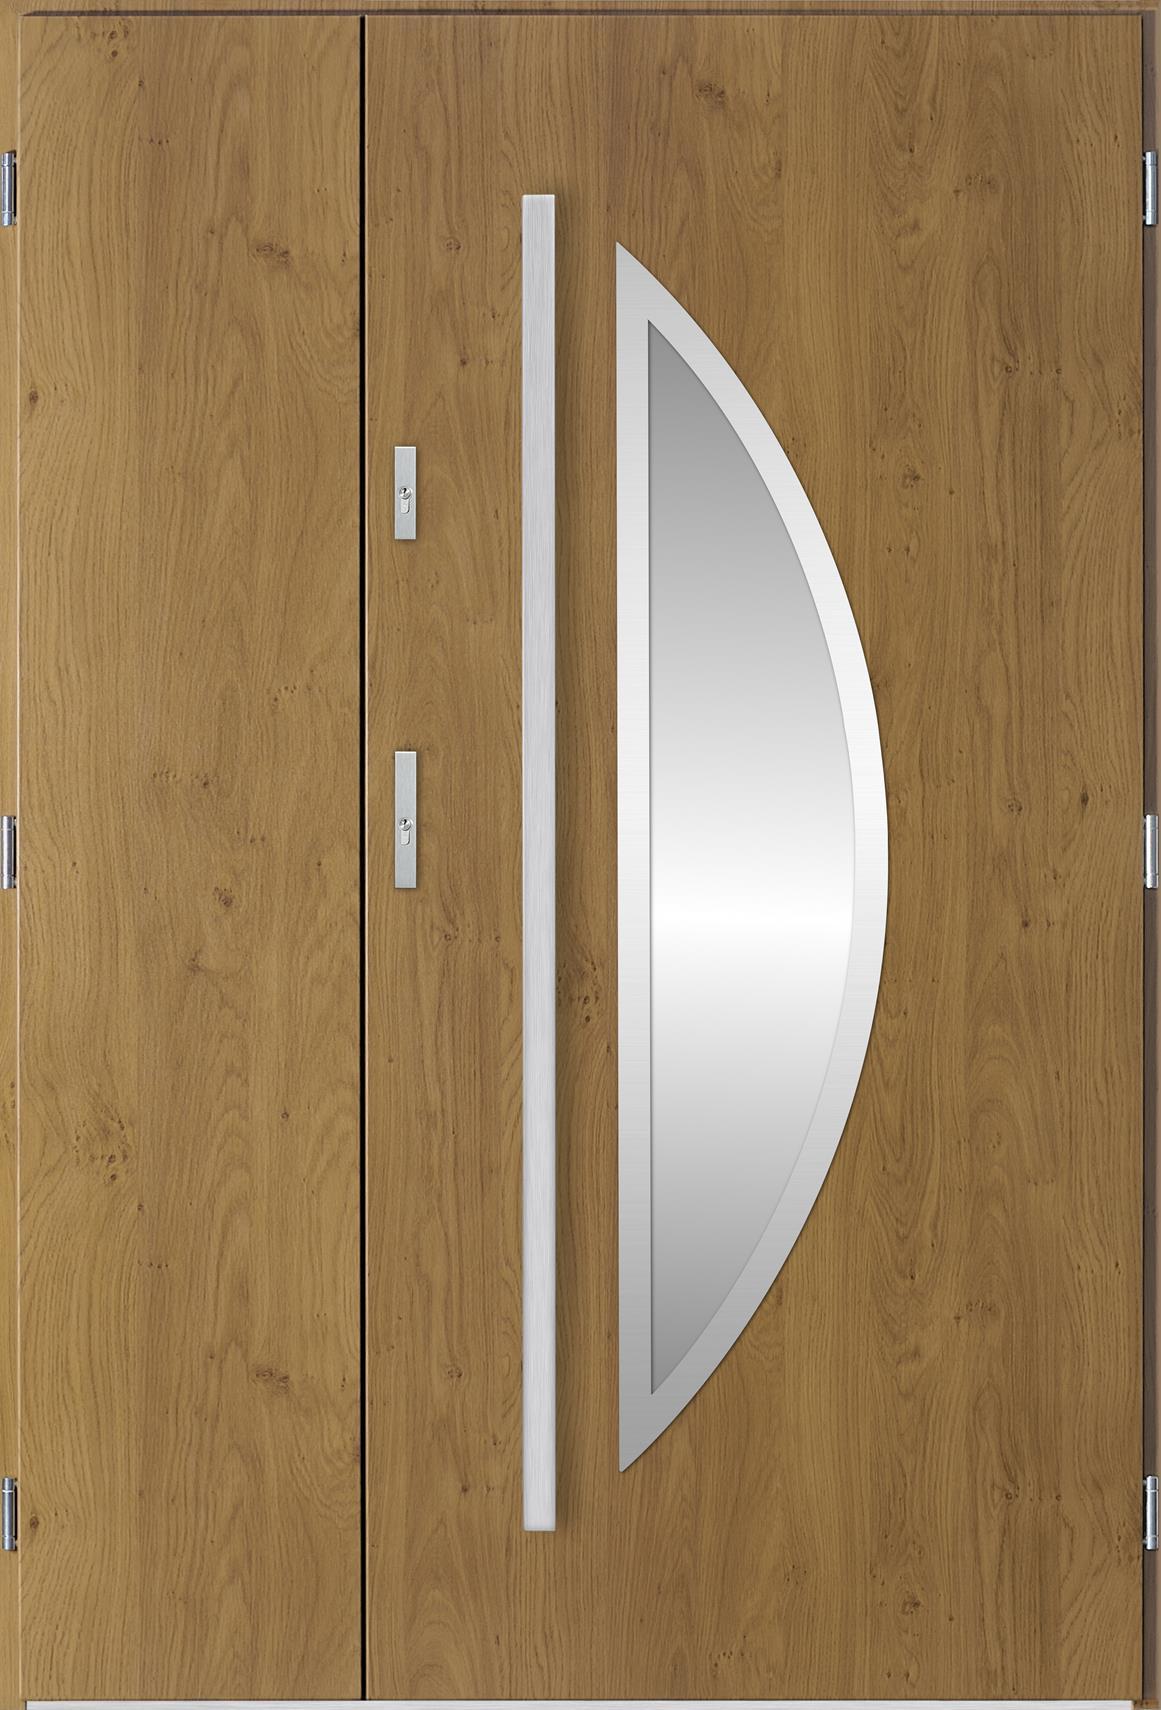 Venkovní dvoukøídlé vchodové dveøe Polea v odstínu winchester